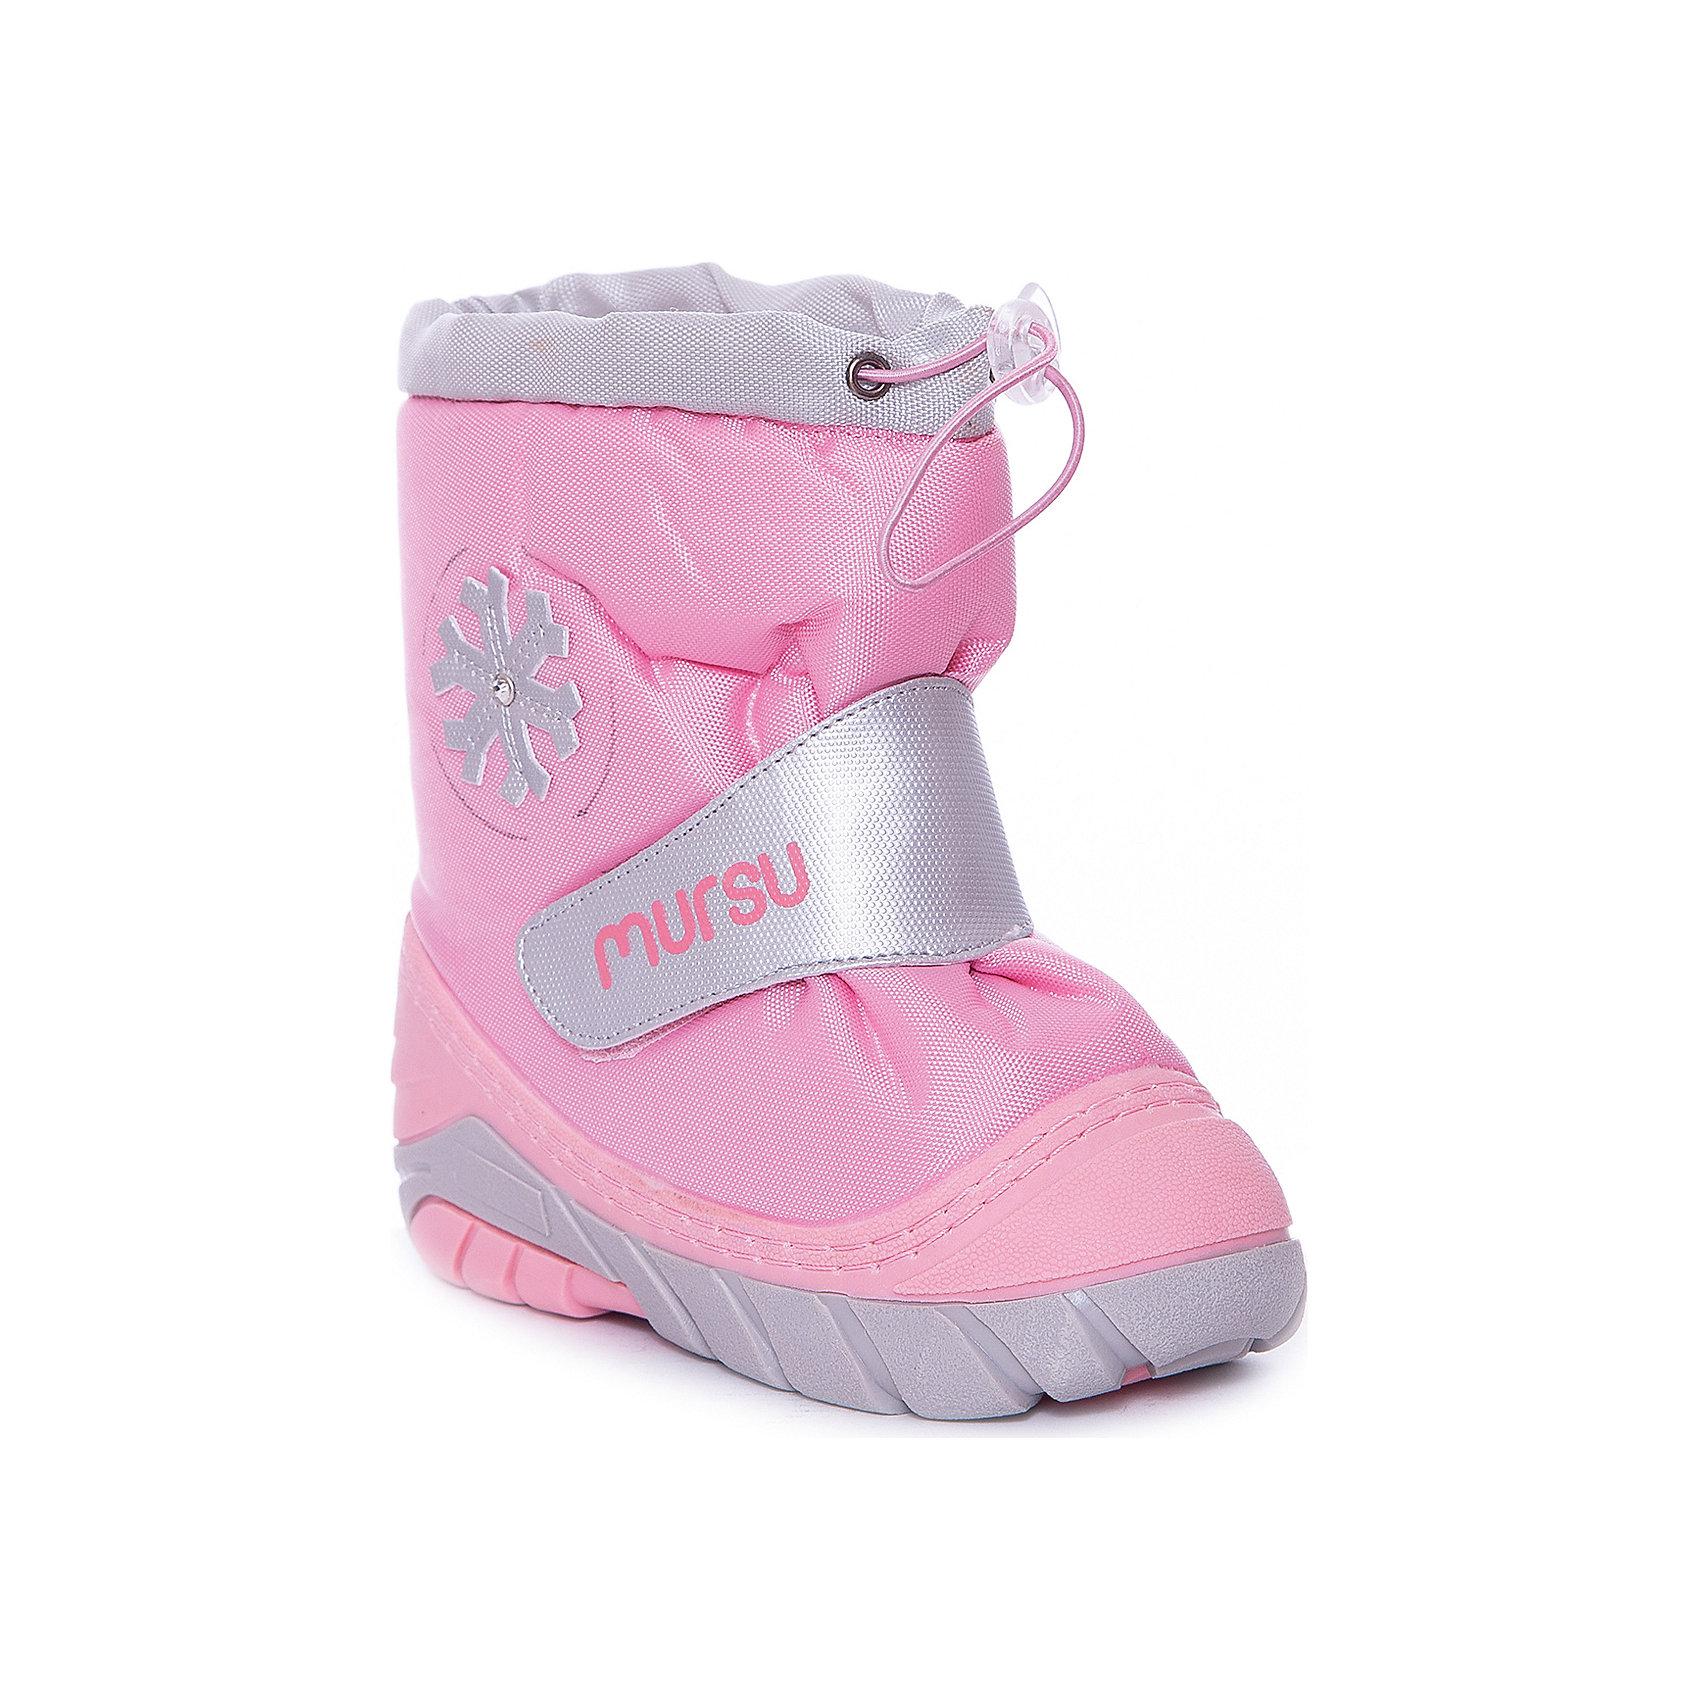 Сапоги для девочки MURSUСапоги для девочки от известного финского бренда MURSU - прекрасный вариант на холодную погоду. Модель на рифленой подошве дополнена застежкой-липучкой, декорирована снежинкой. Мягкое голенище затягивается на шнурок с пластиковым стопором. Сапоги выполнены из высококачественных материалов, отлично защищают ноги ребенка от холода и влаги. Идеальный вариант для наших погодных условий. <br><br>Дополнительная информация:<br><br>- Сезон: осень/зима.<br>- Температурный режим: от -5? до -20?<br>- Тип застежки: липучка, шнурок.<br>- Рифленая подошва. <br>- декоративные элементы: снежинка. <br><br>Состав:<br><br>- Материал верха: текстиль / PU.<br>- Материал подкладки: натуральная шерсть.<br>- Материал подошвы: TPR.<br>- Материал стельки: натуральная шерсть.<br><br>Сапоги для девочки, MURSU (Мурсу), можно купить в нашем магазине.<br><br>Ширина мм: 257<br>Глубина мм: 180<br>Высота мм: 130<br>Вес г: 420<br>Цвет: розовый<br>Возраст от месяцев: 24<br>Возраст до месяцев: 36<br>Пол: Женский<br>Возраст: Детский<br>Размер: 21/22,23/24,25/26,19/20<br>SKU: 4202374